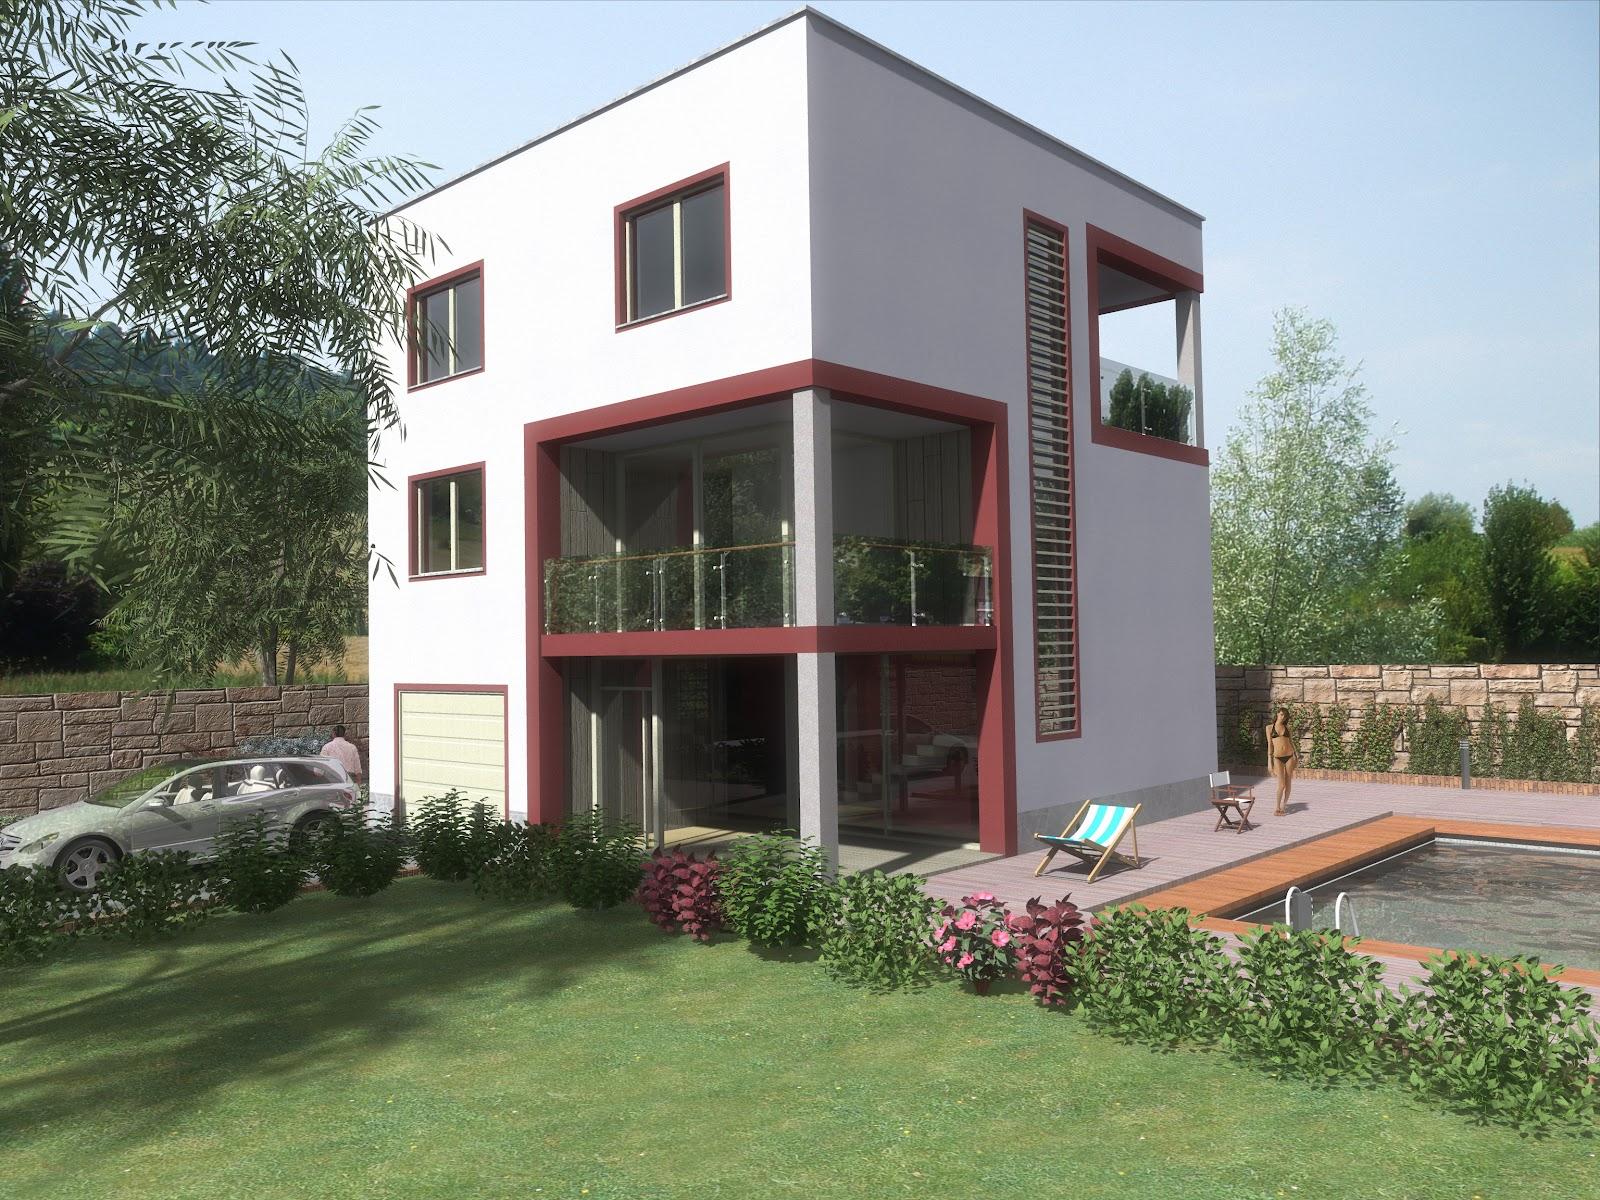 Render architettonici maggio 2012 for Case a forma di u